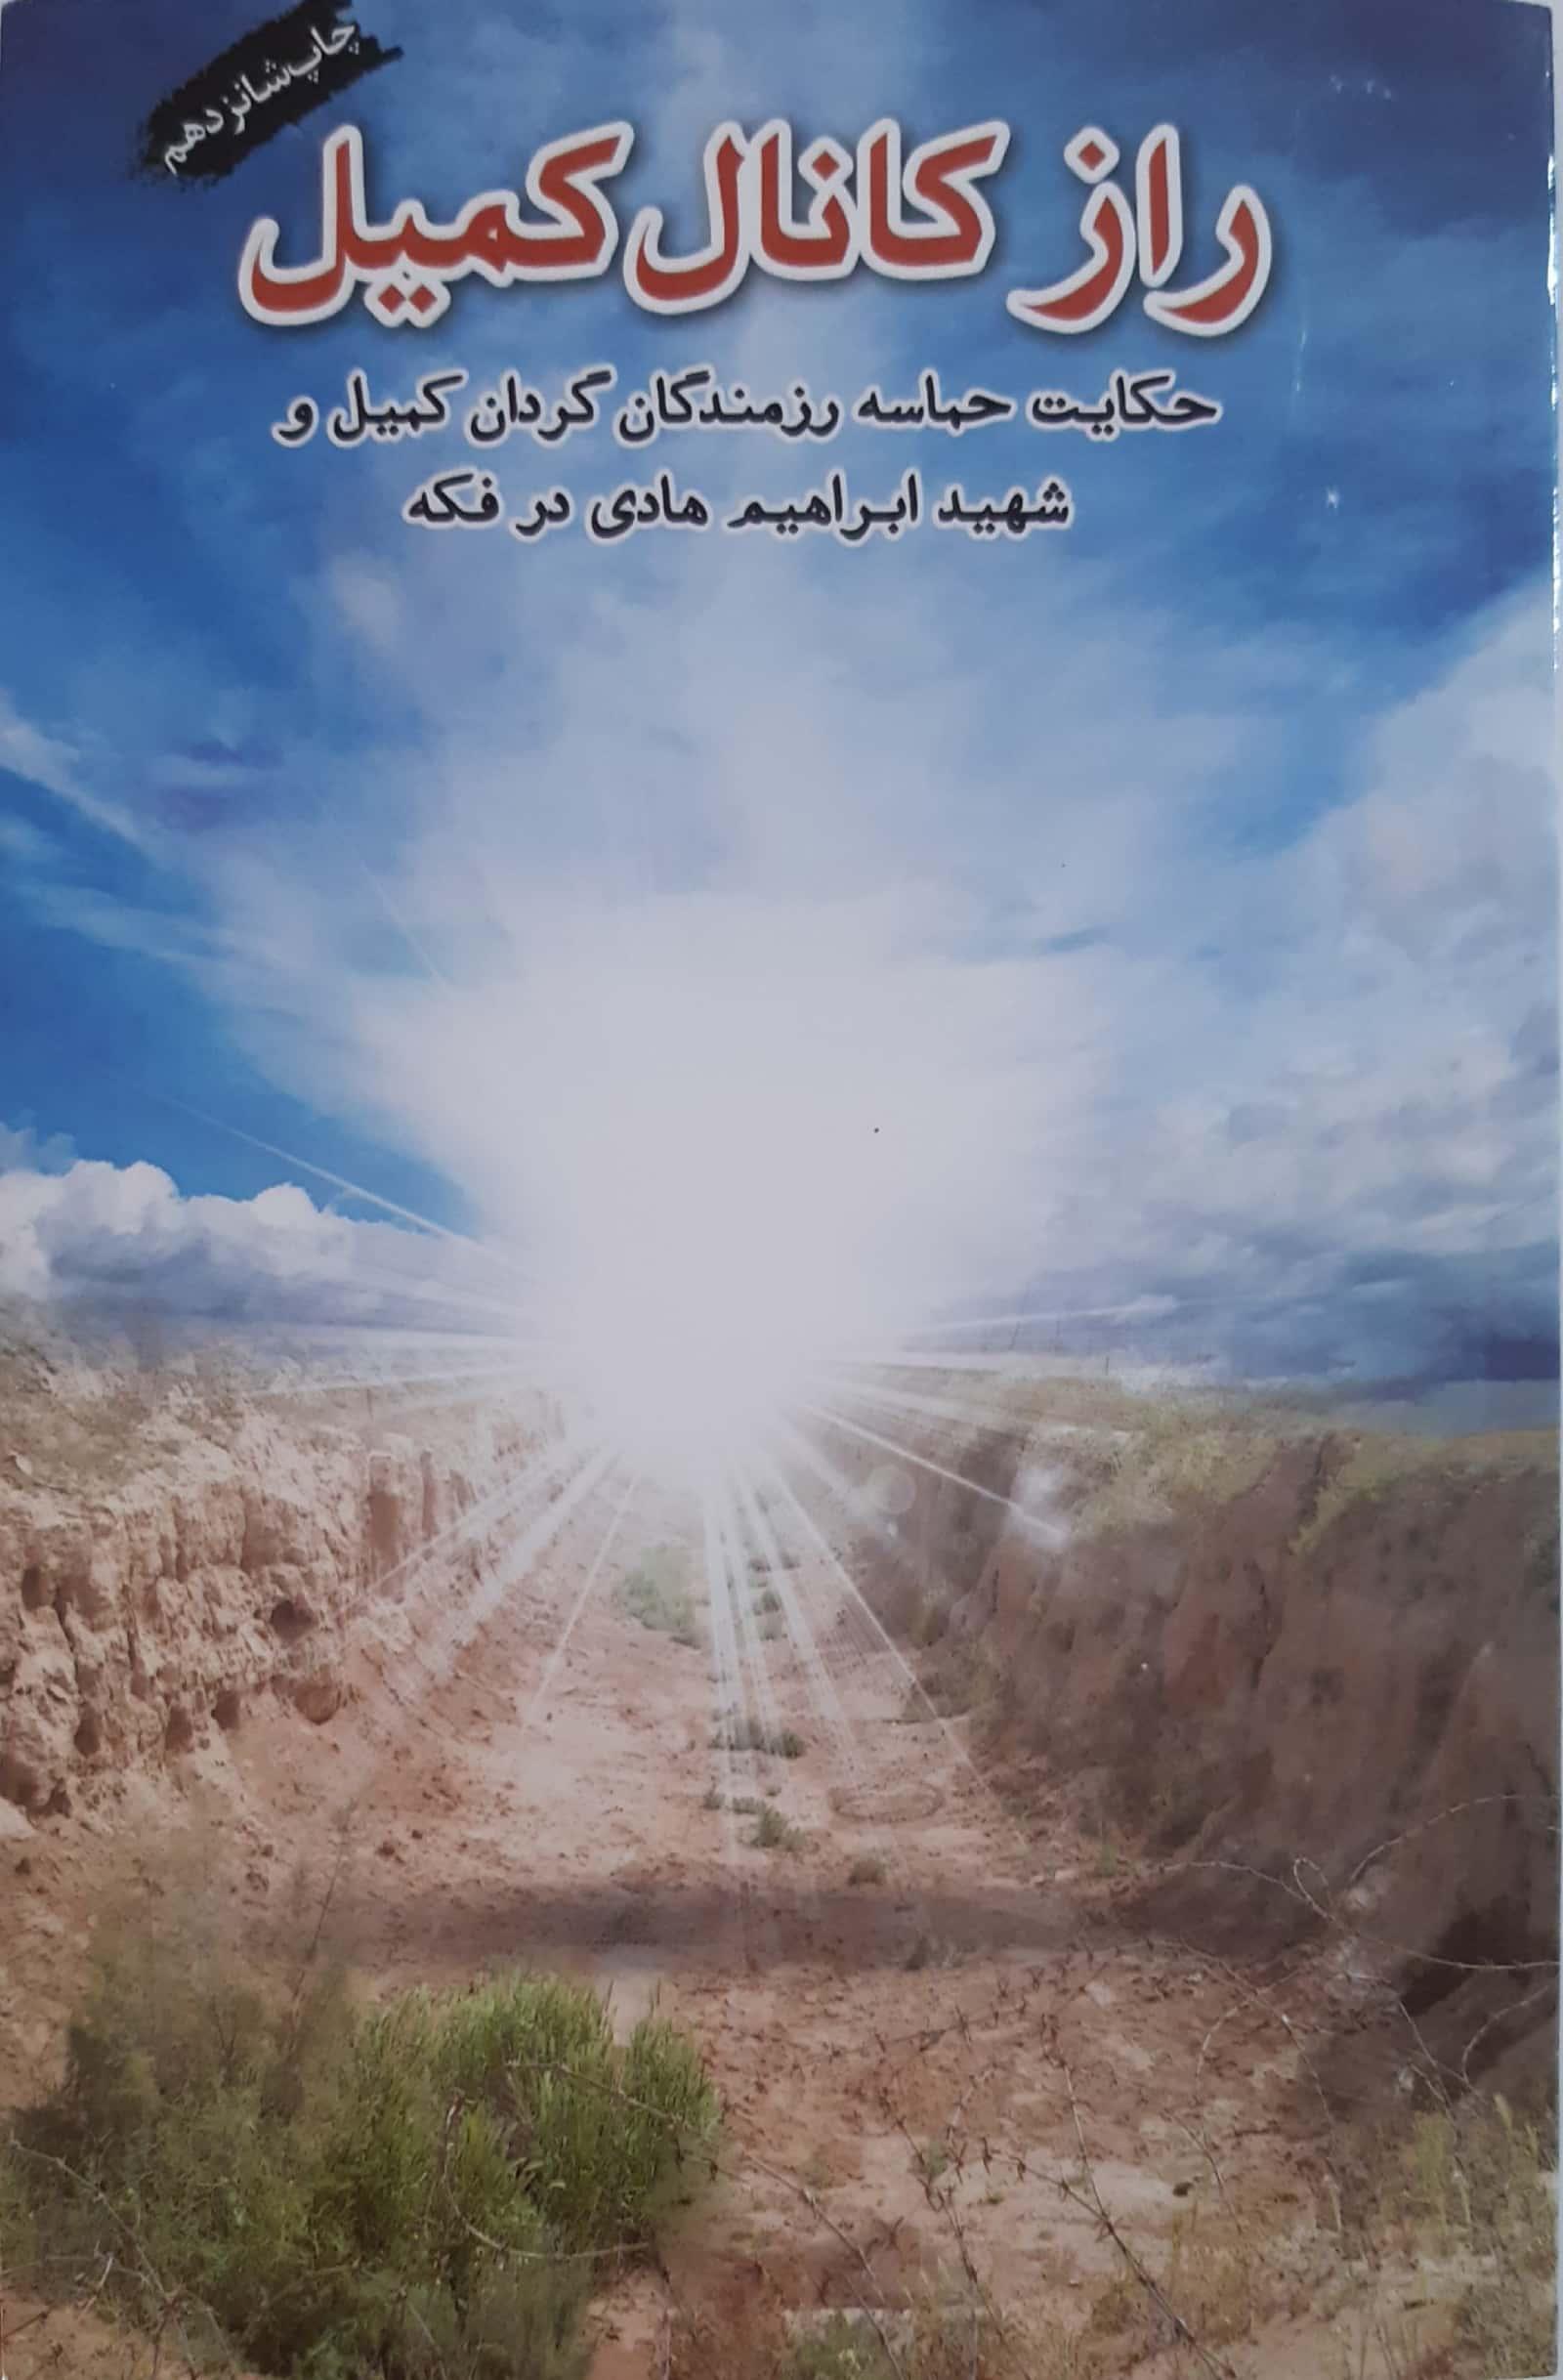 اول ماه رجب ،میلاد امام محمد باقر (ع)